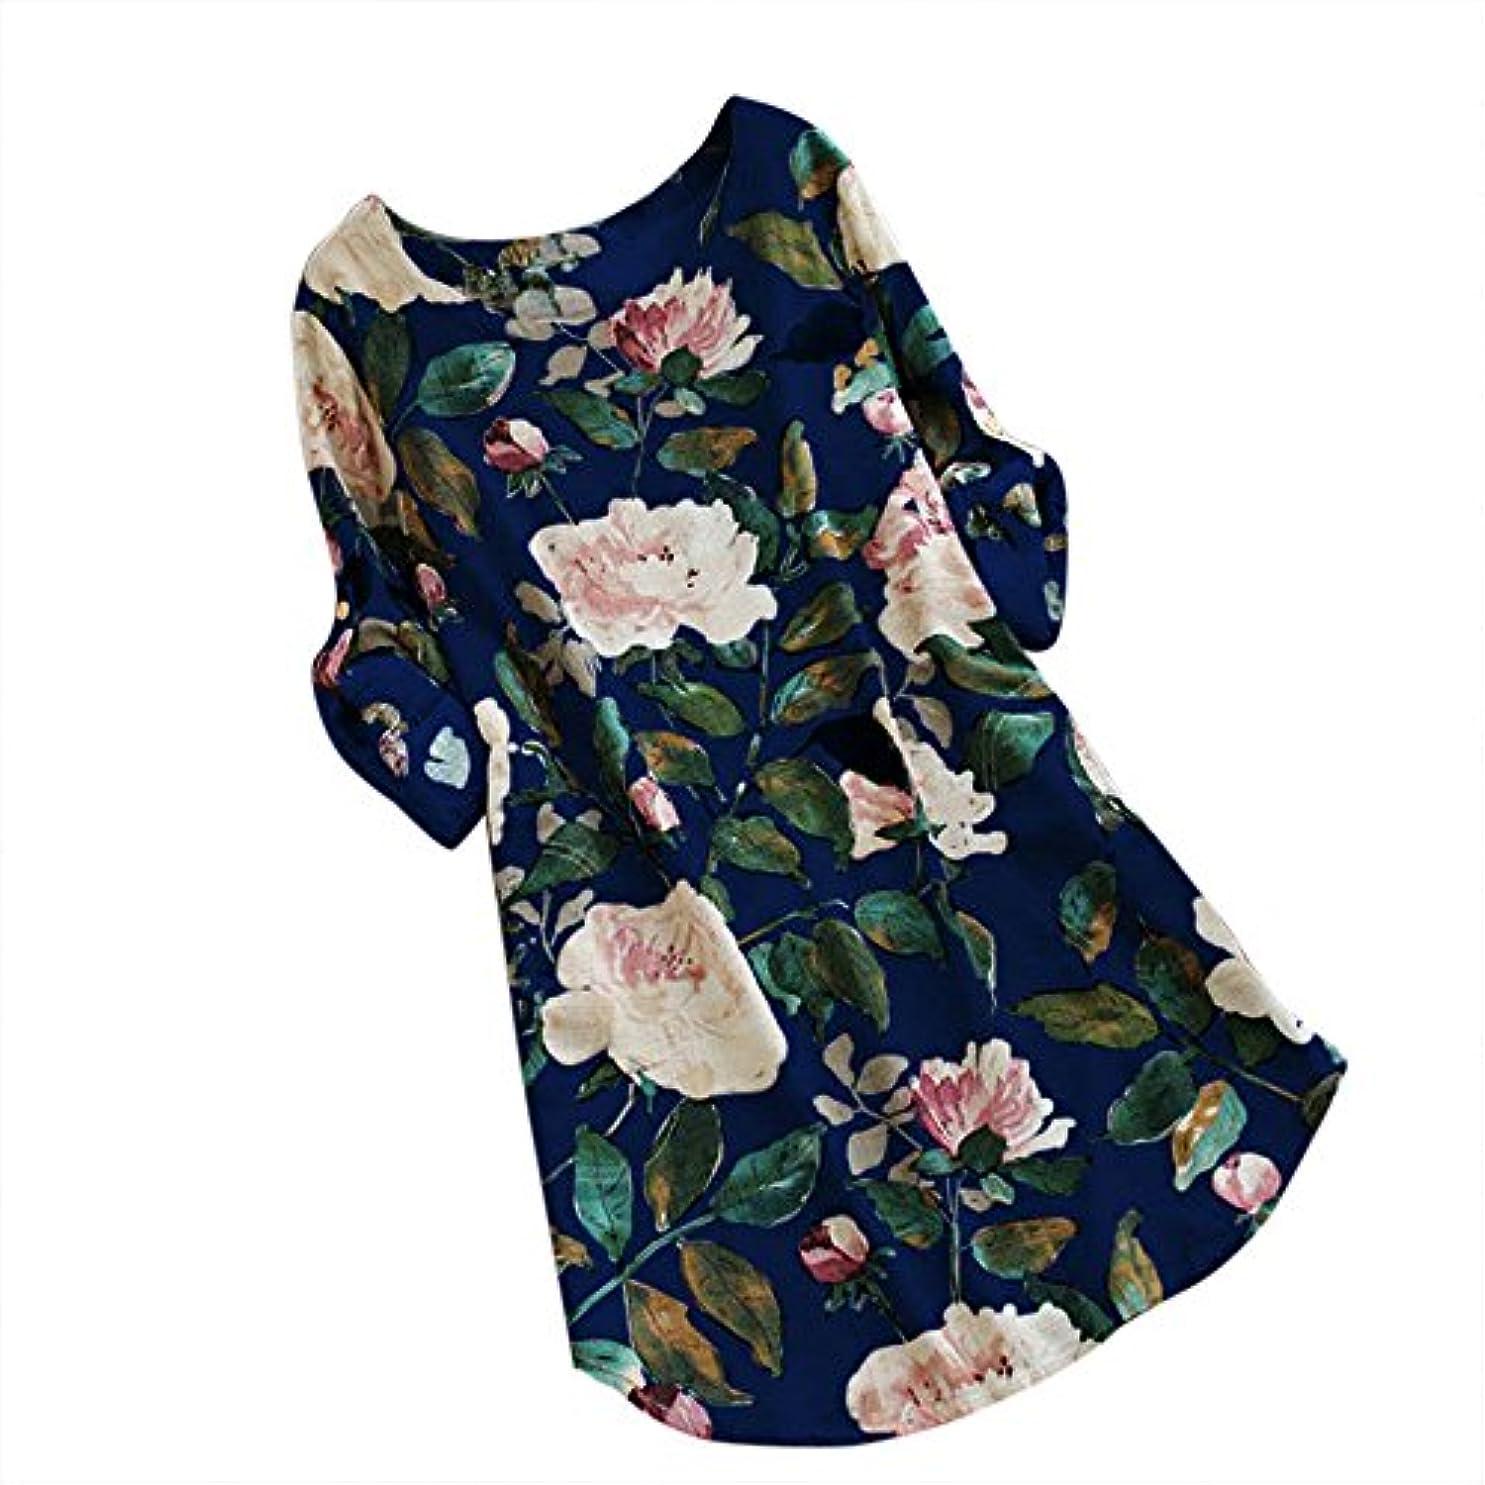 実り多い品揃え人工的なワンピース レディース Rexzo 大きいサイズ 人気 花柄 綿麻スカート 袖あり 上品 リネンワンピ 膝丈 着痩せ 体型カバー ロングスカート 森ガール 癒され系 スカート 事務服 デート 日常